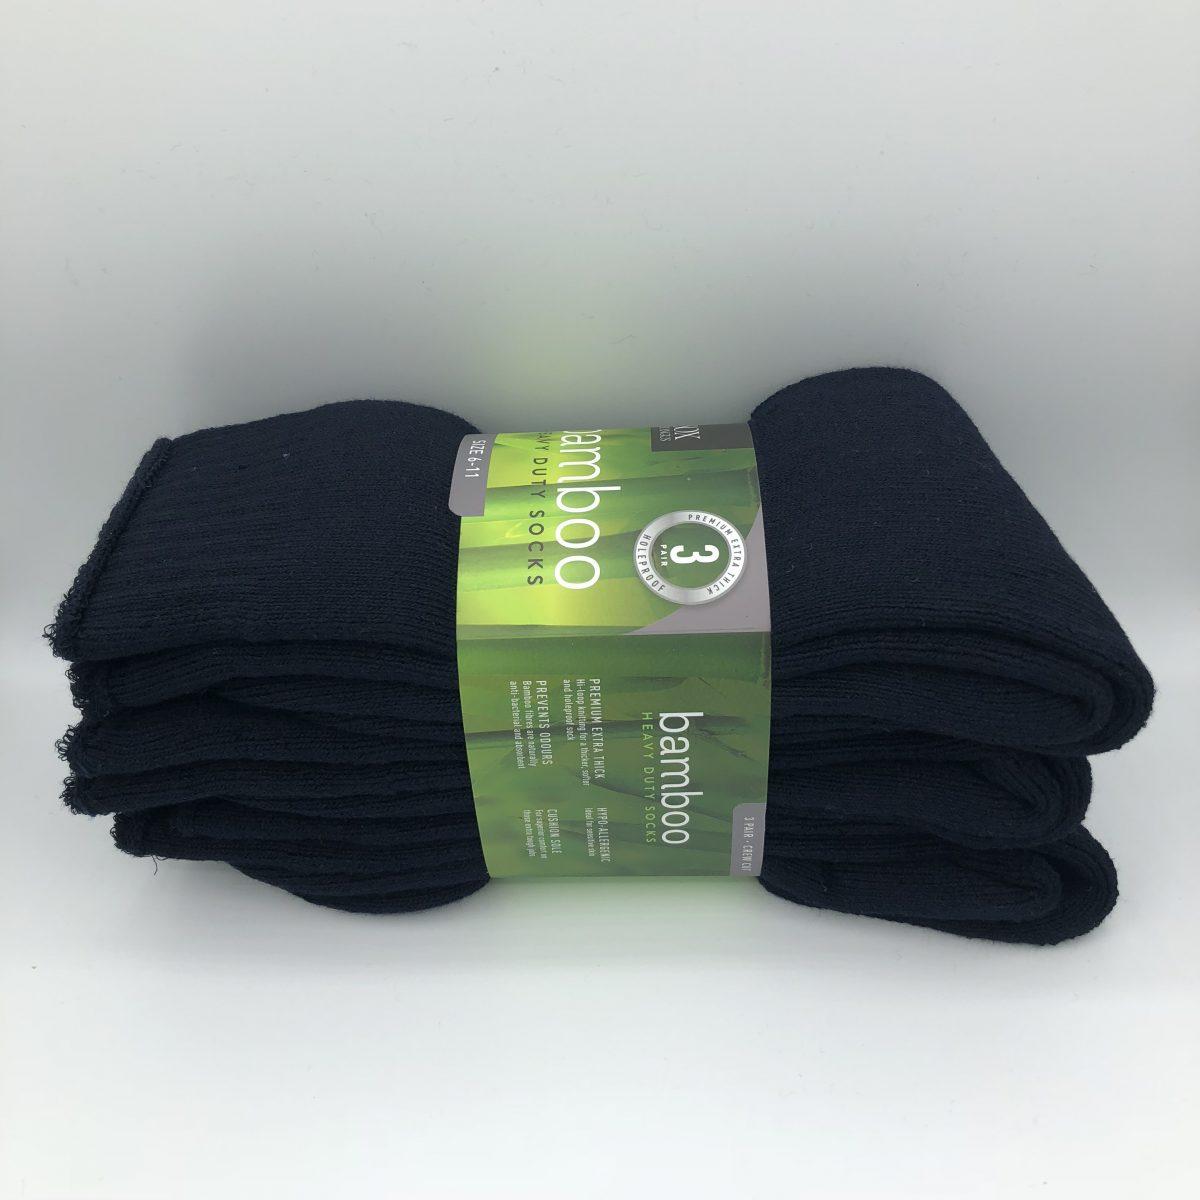 Bamboo Heavy Duty Socks - 3 Pairs Pack - Navy